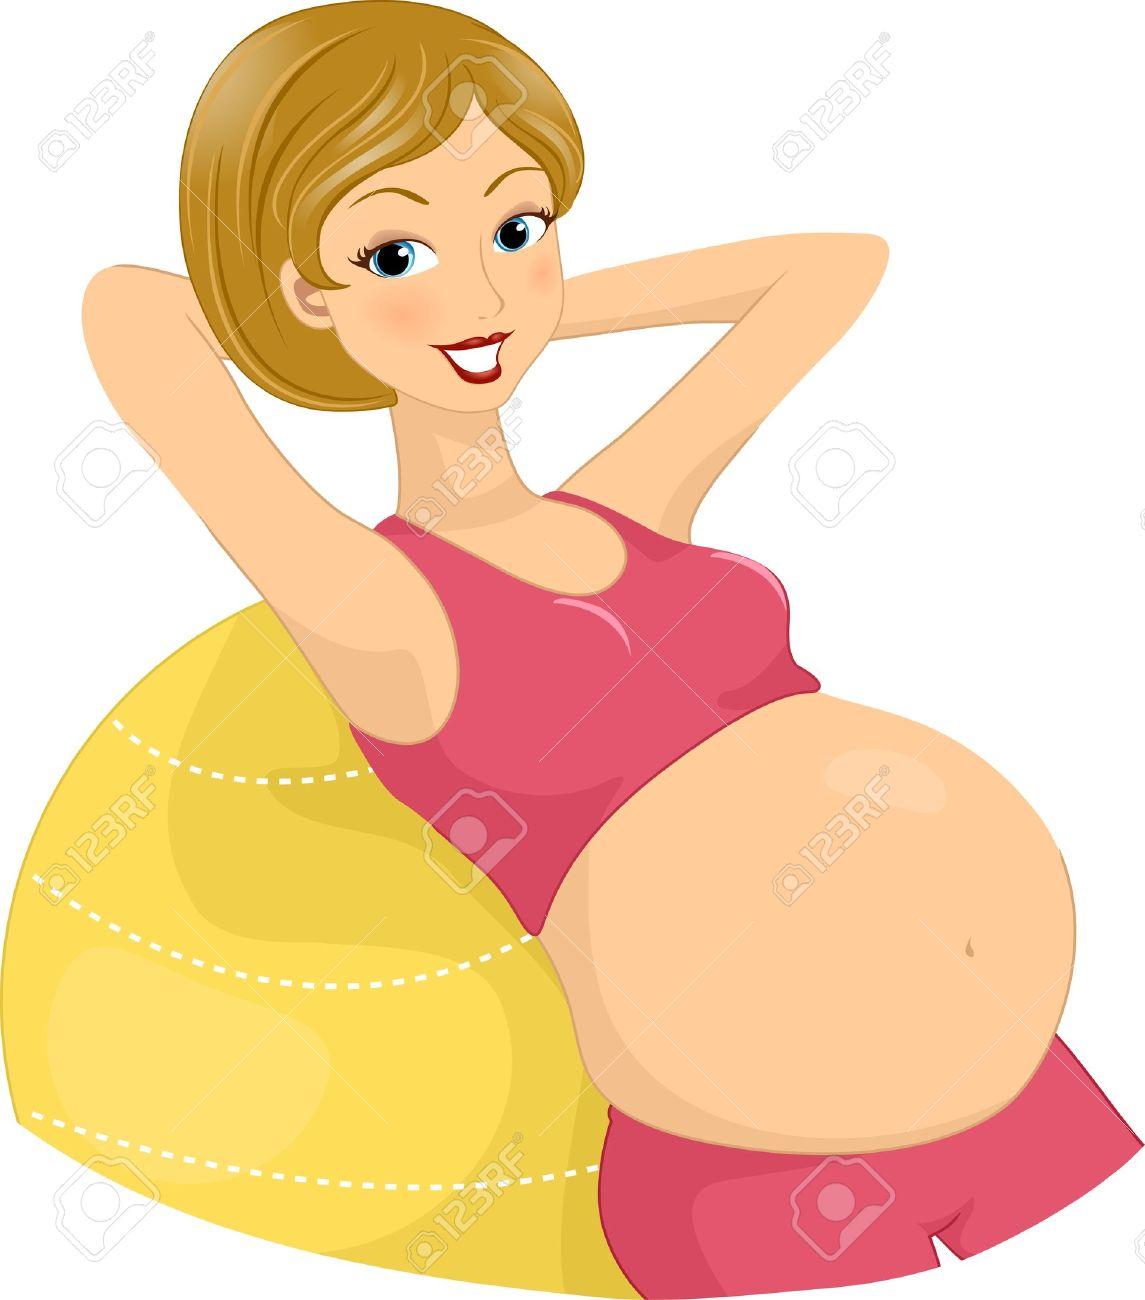 Foto de archivo - Ilustración de una mujer embarazada Ejercicio Utilizando una  bola de aerobic ec324631c8ab